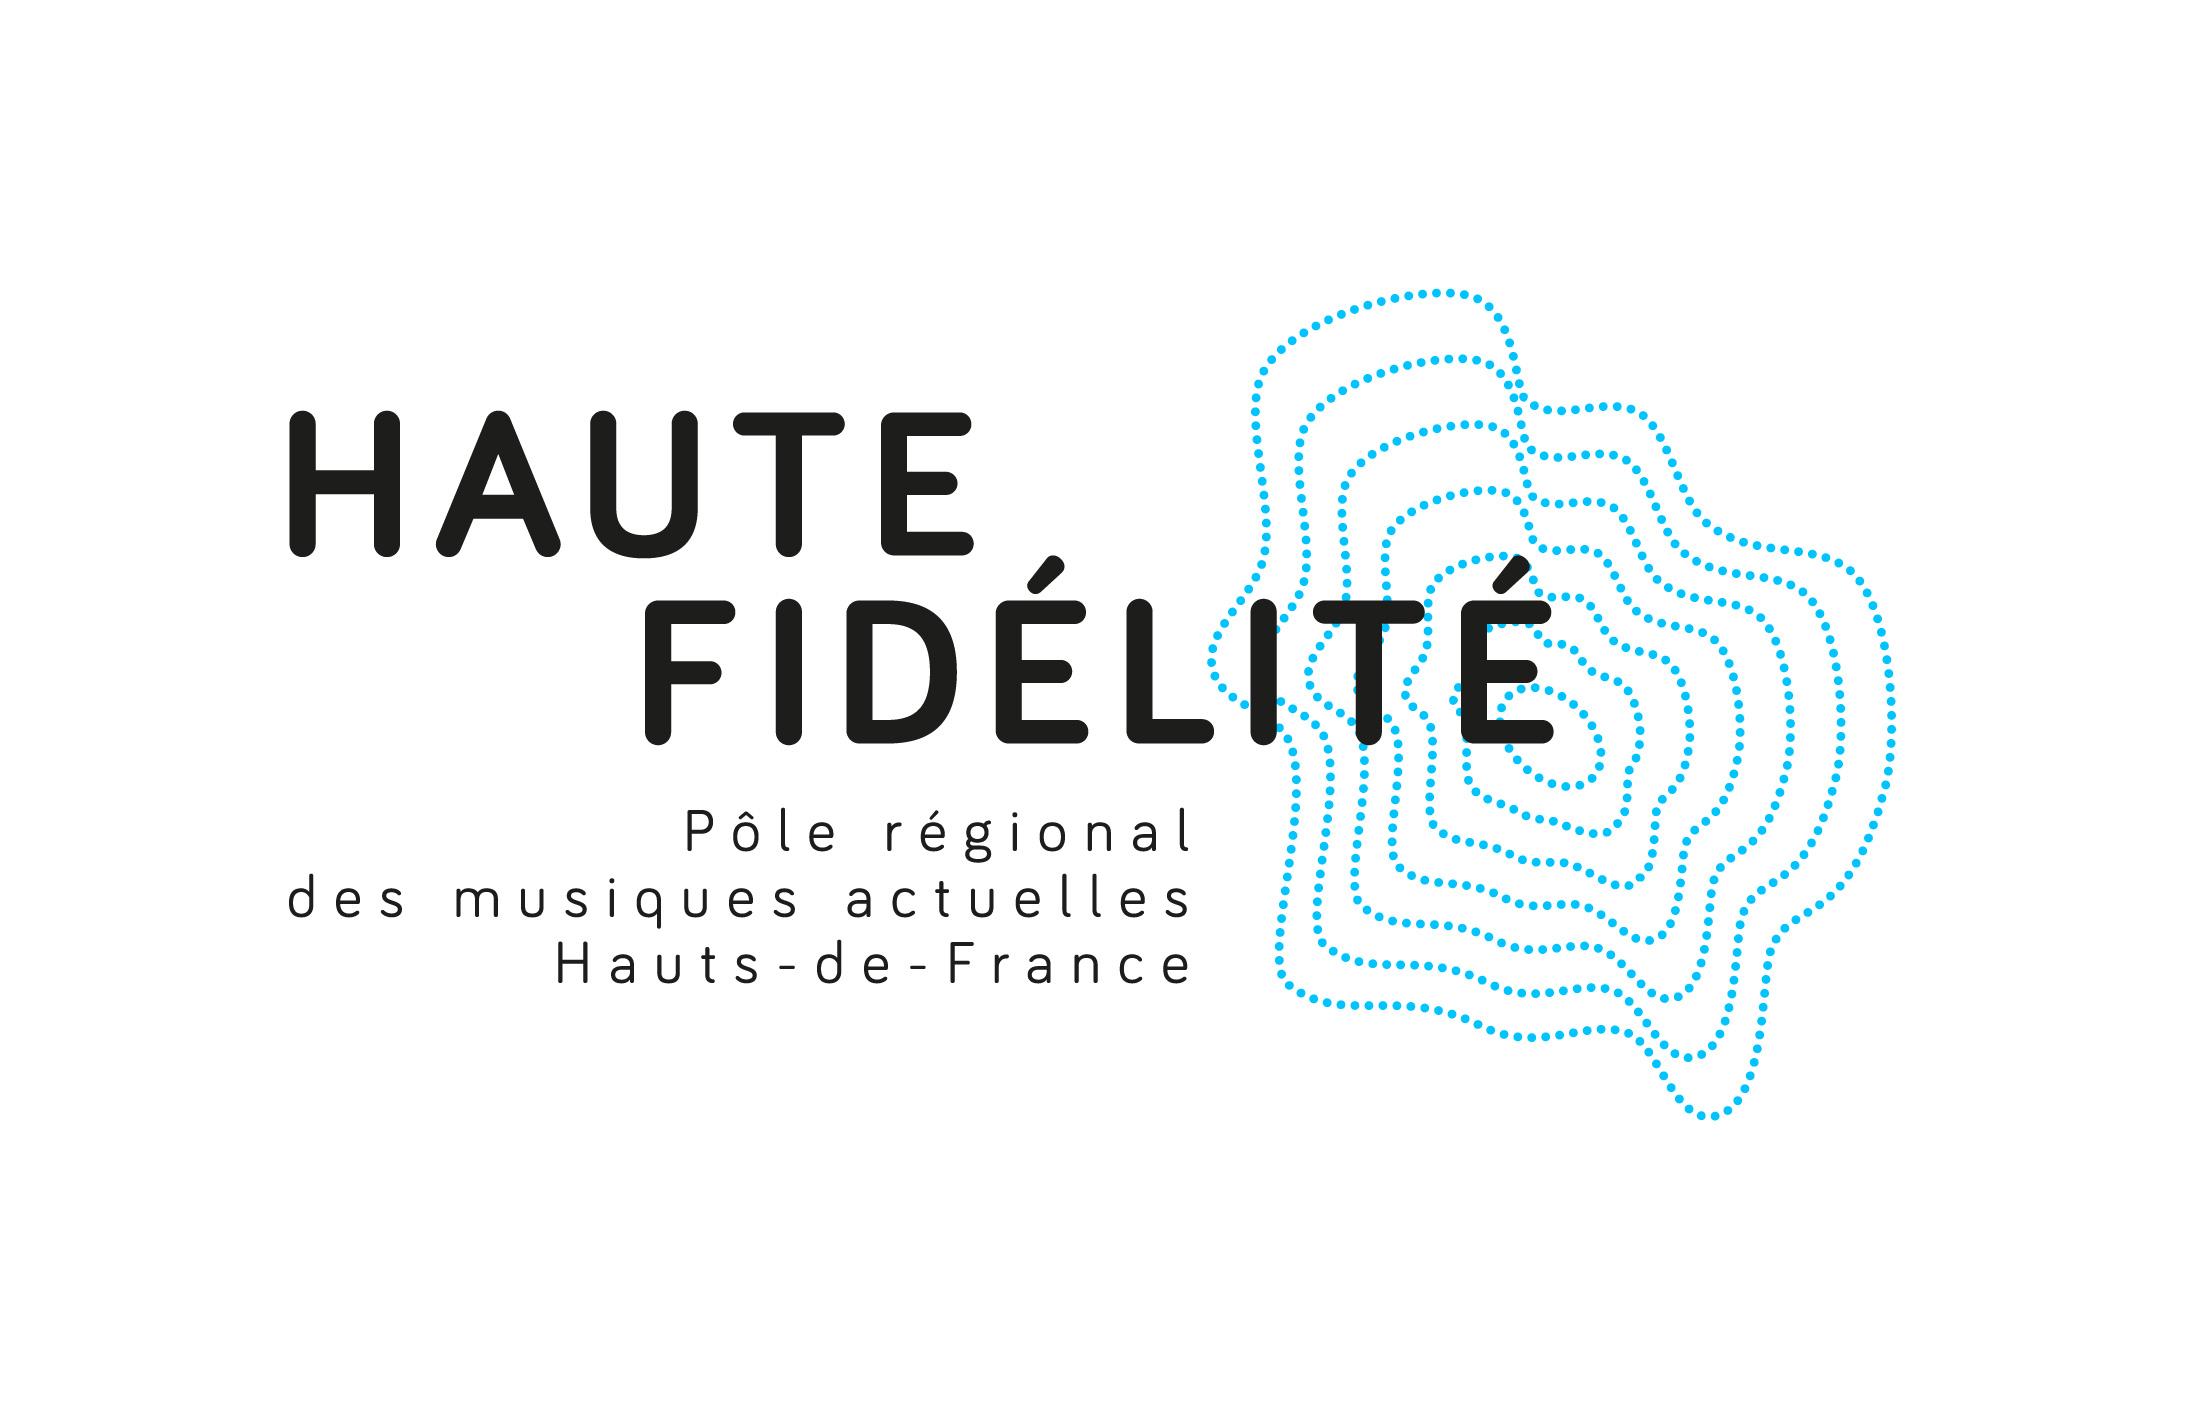 HAUTE FIDÉLITÉ pôle régional des musiques actuelles Hauts-de-France